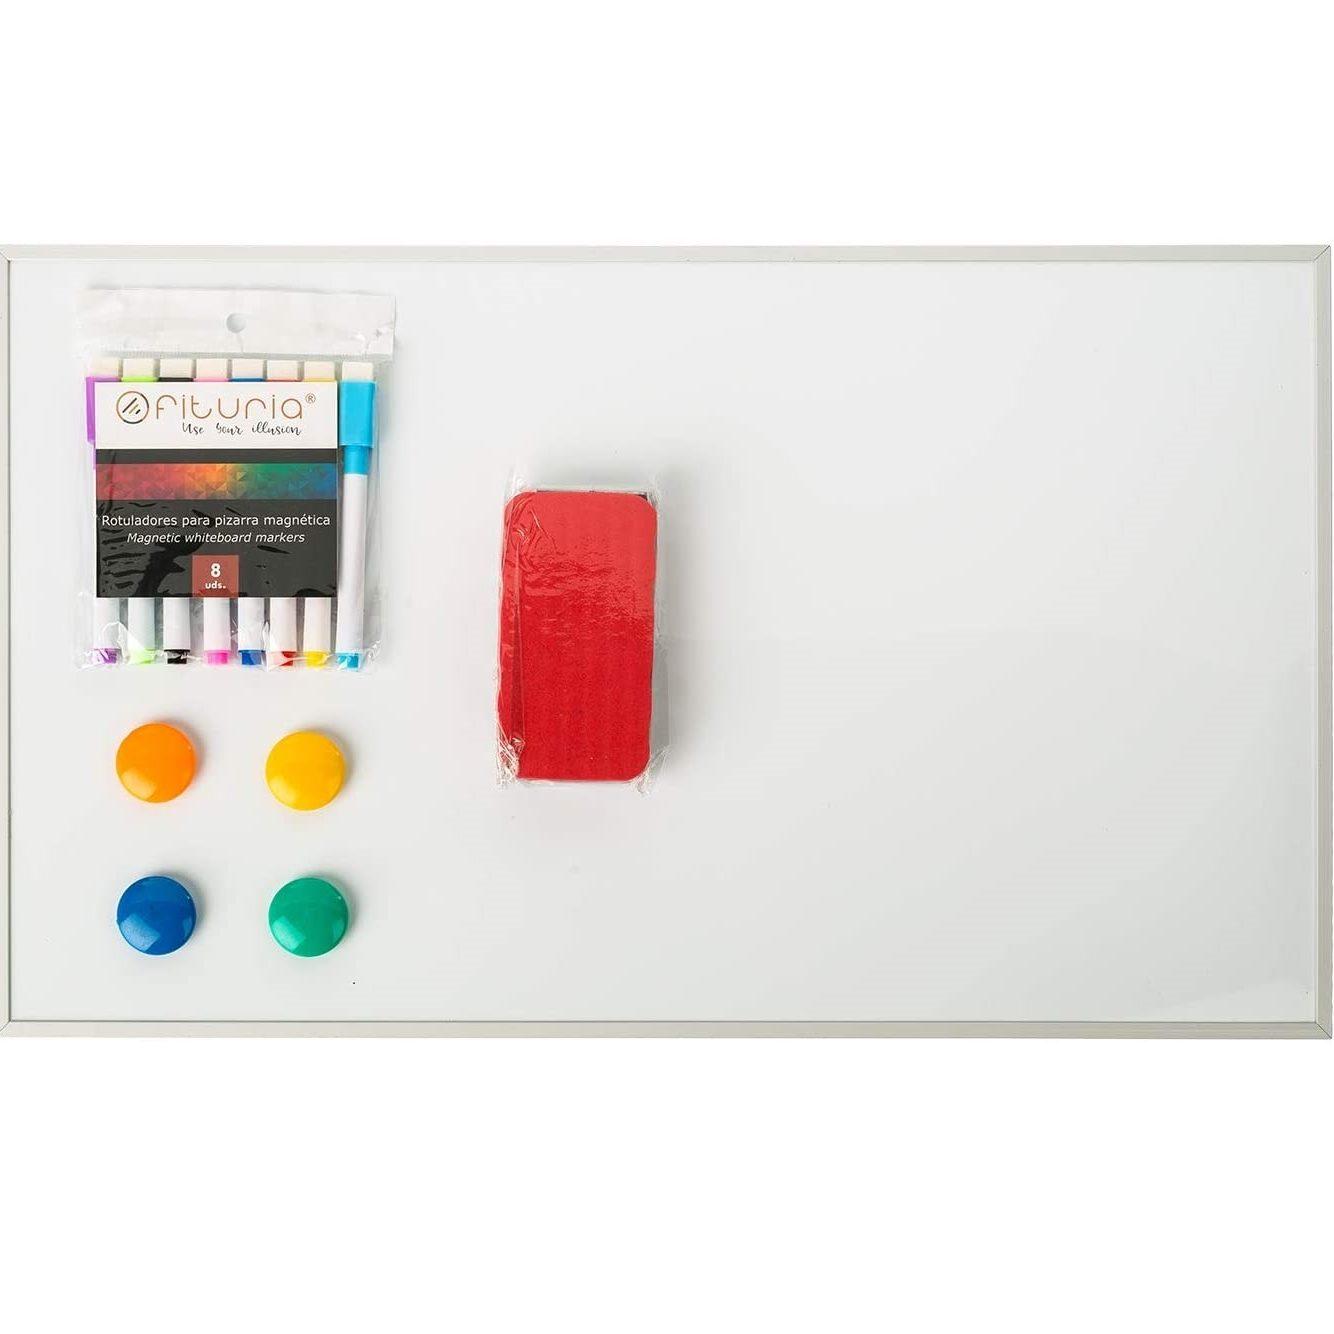 OFITURIA® Pack Pizarra Blanca Magnética (50x30cm) + Rotuladores, Borrador e Imanes